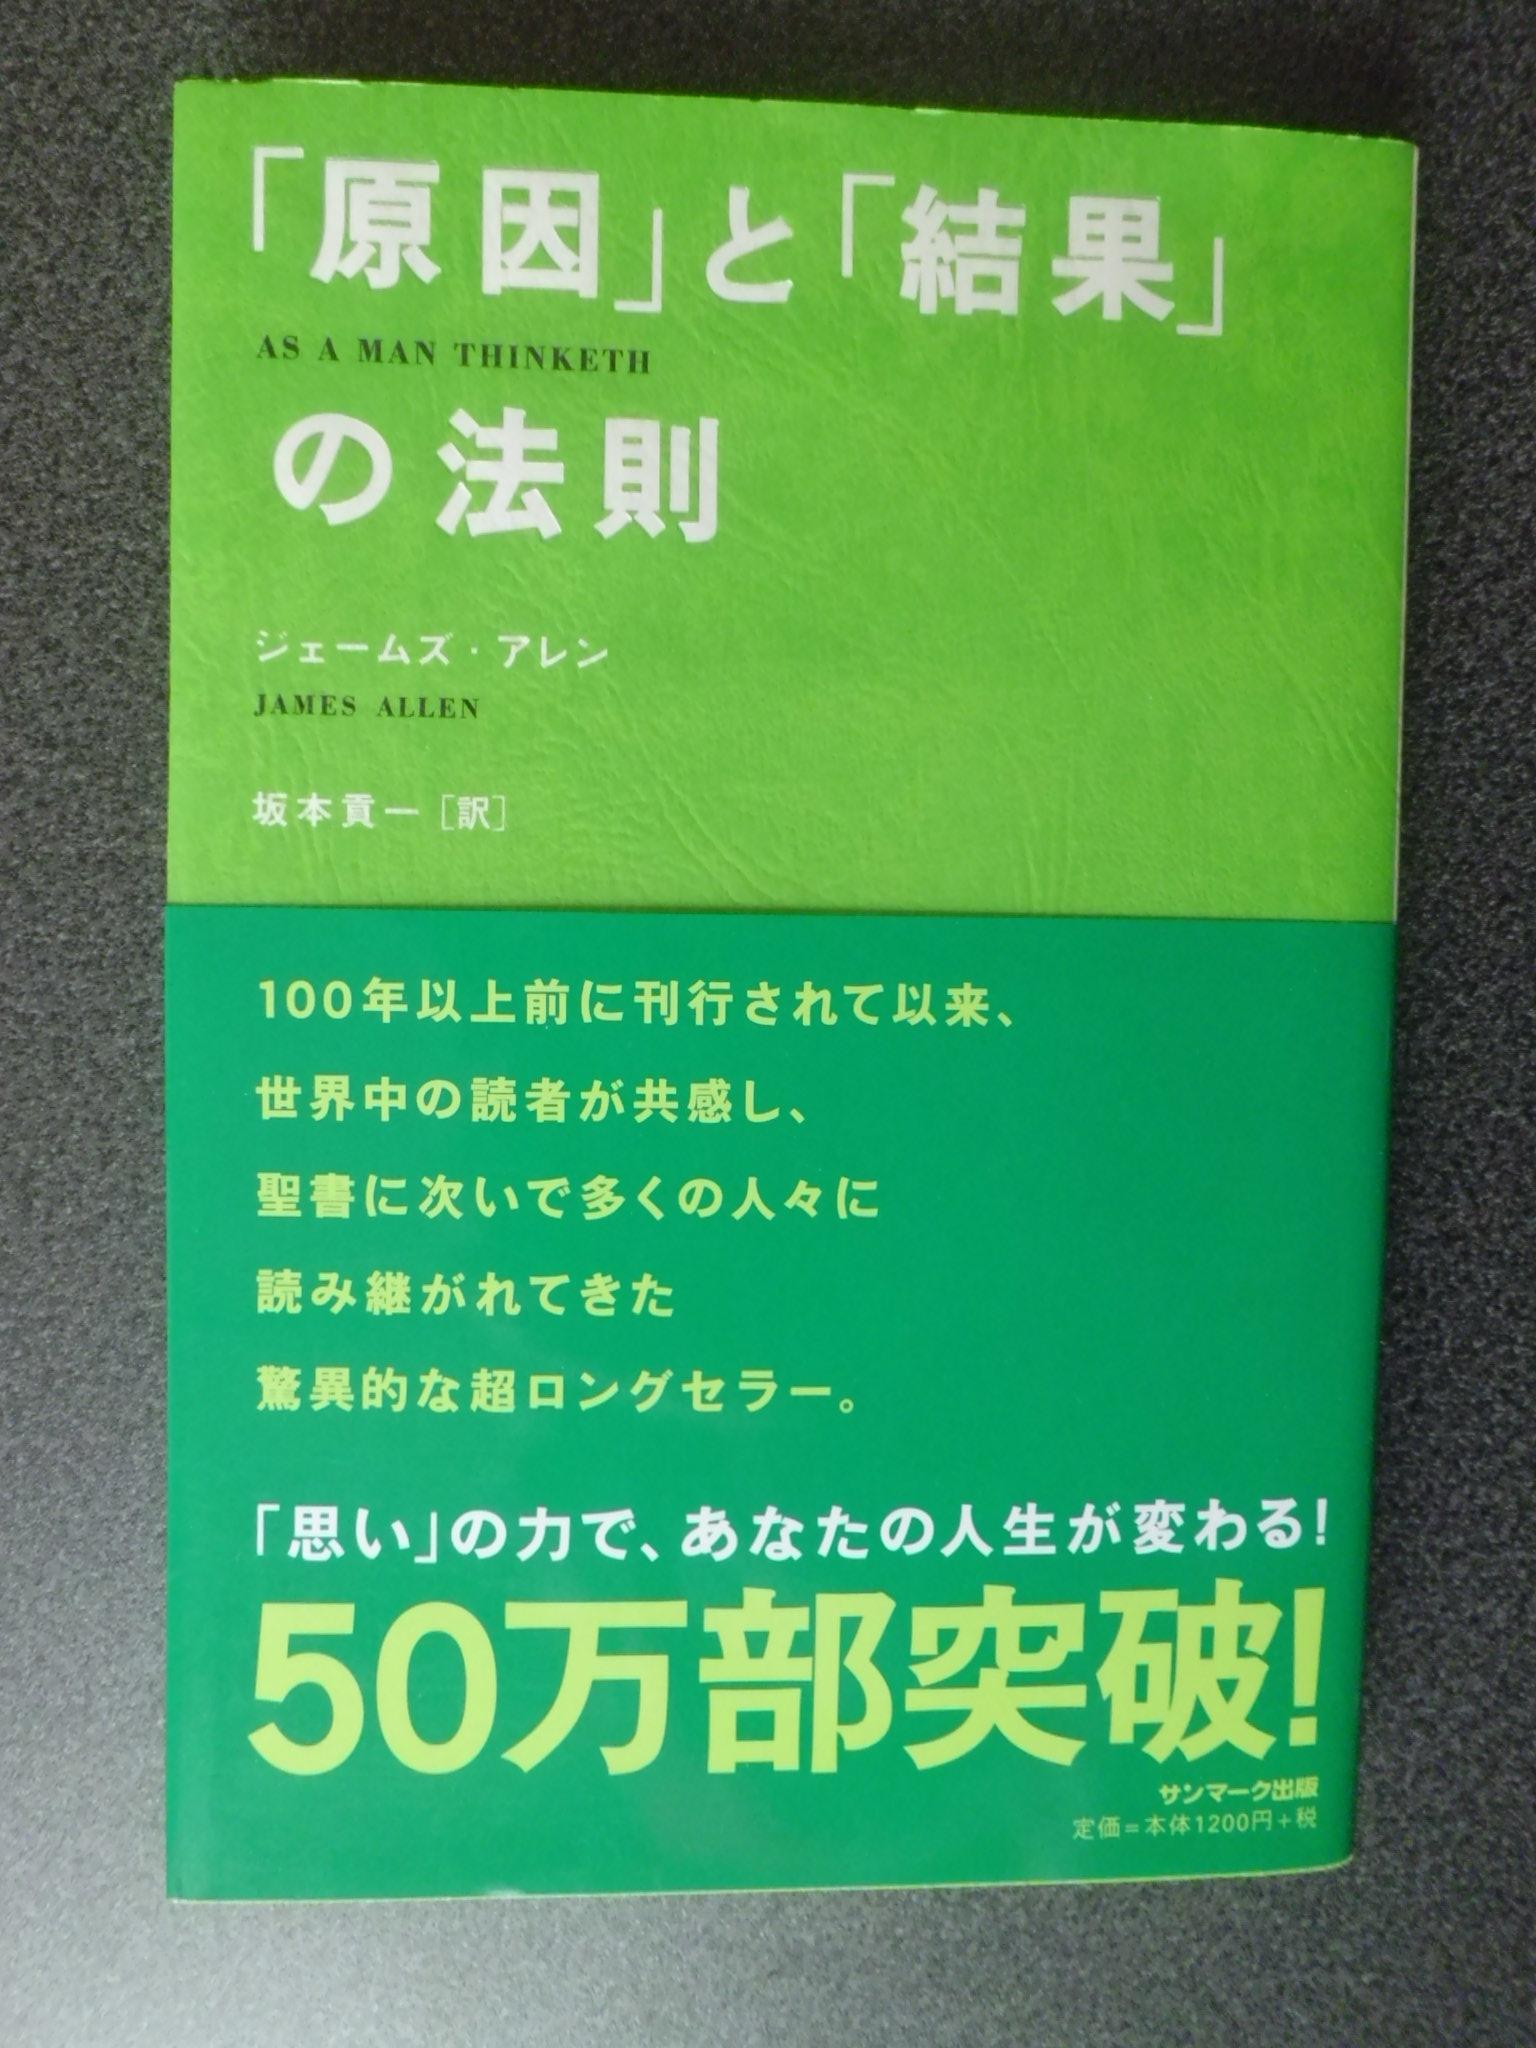 CIMG2029.jpg